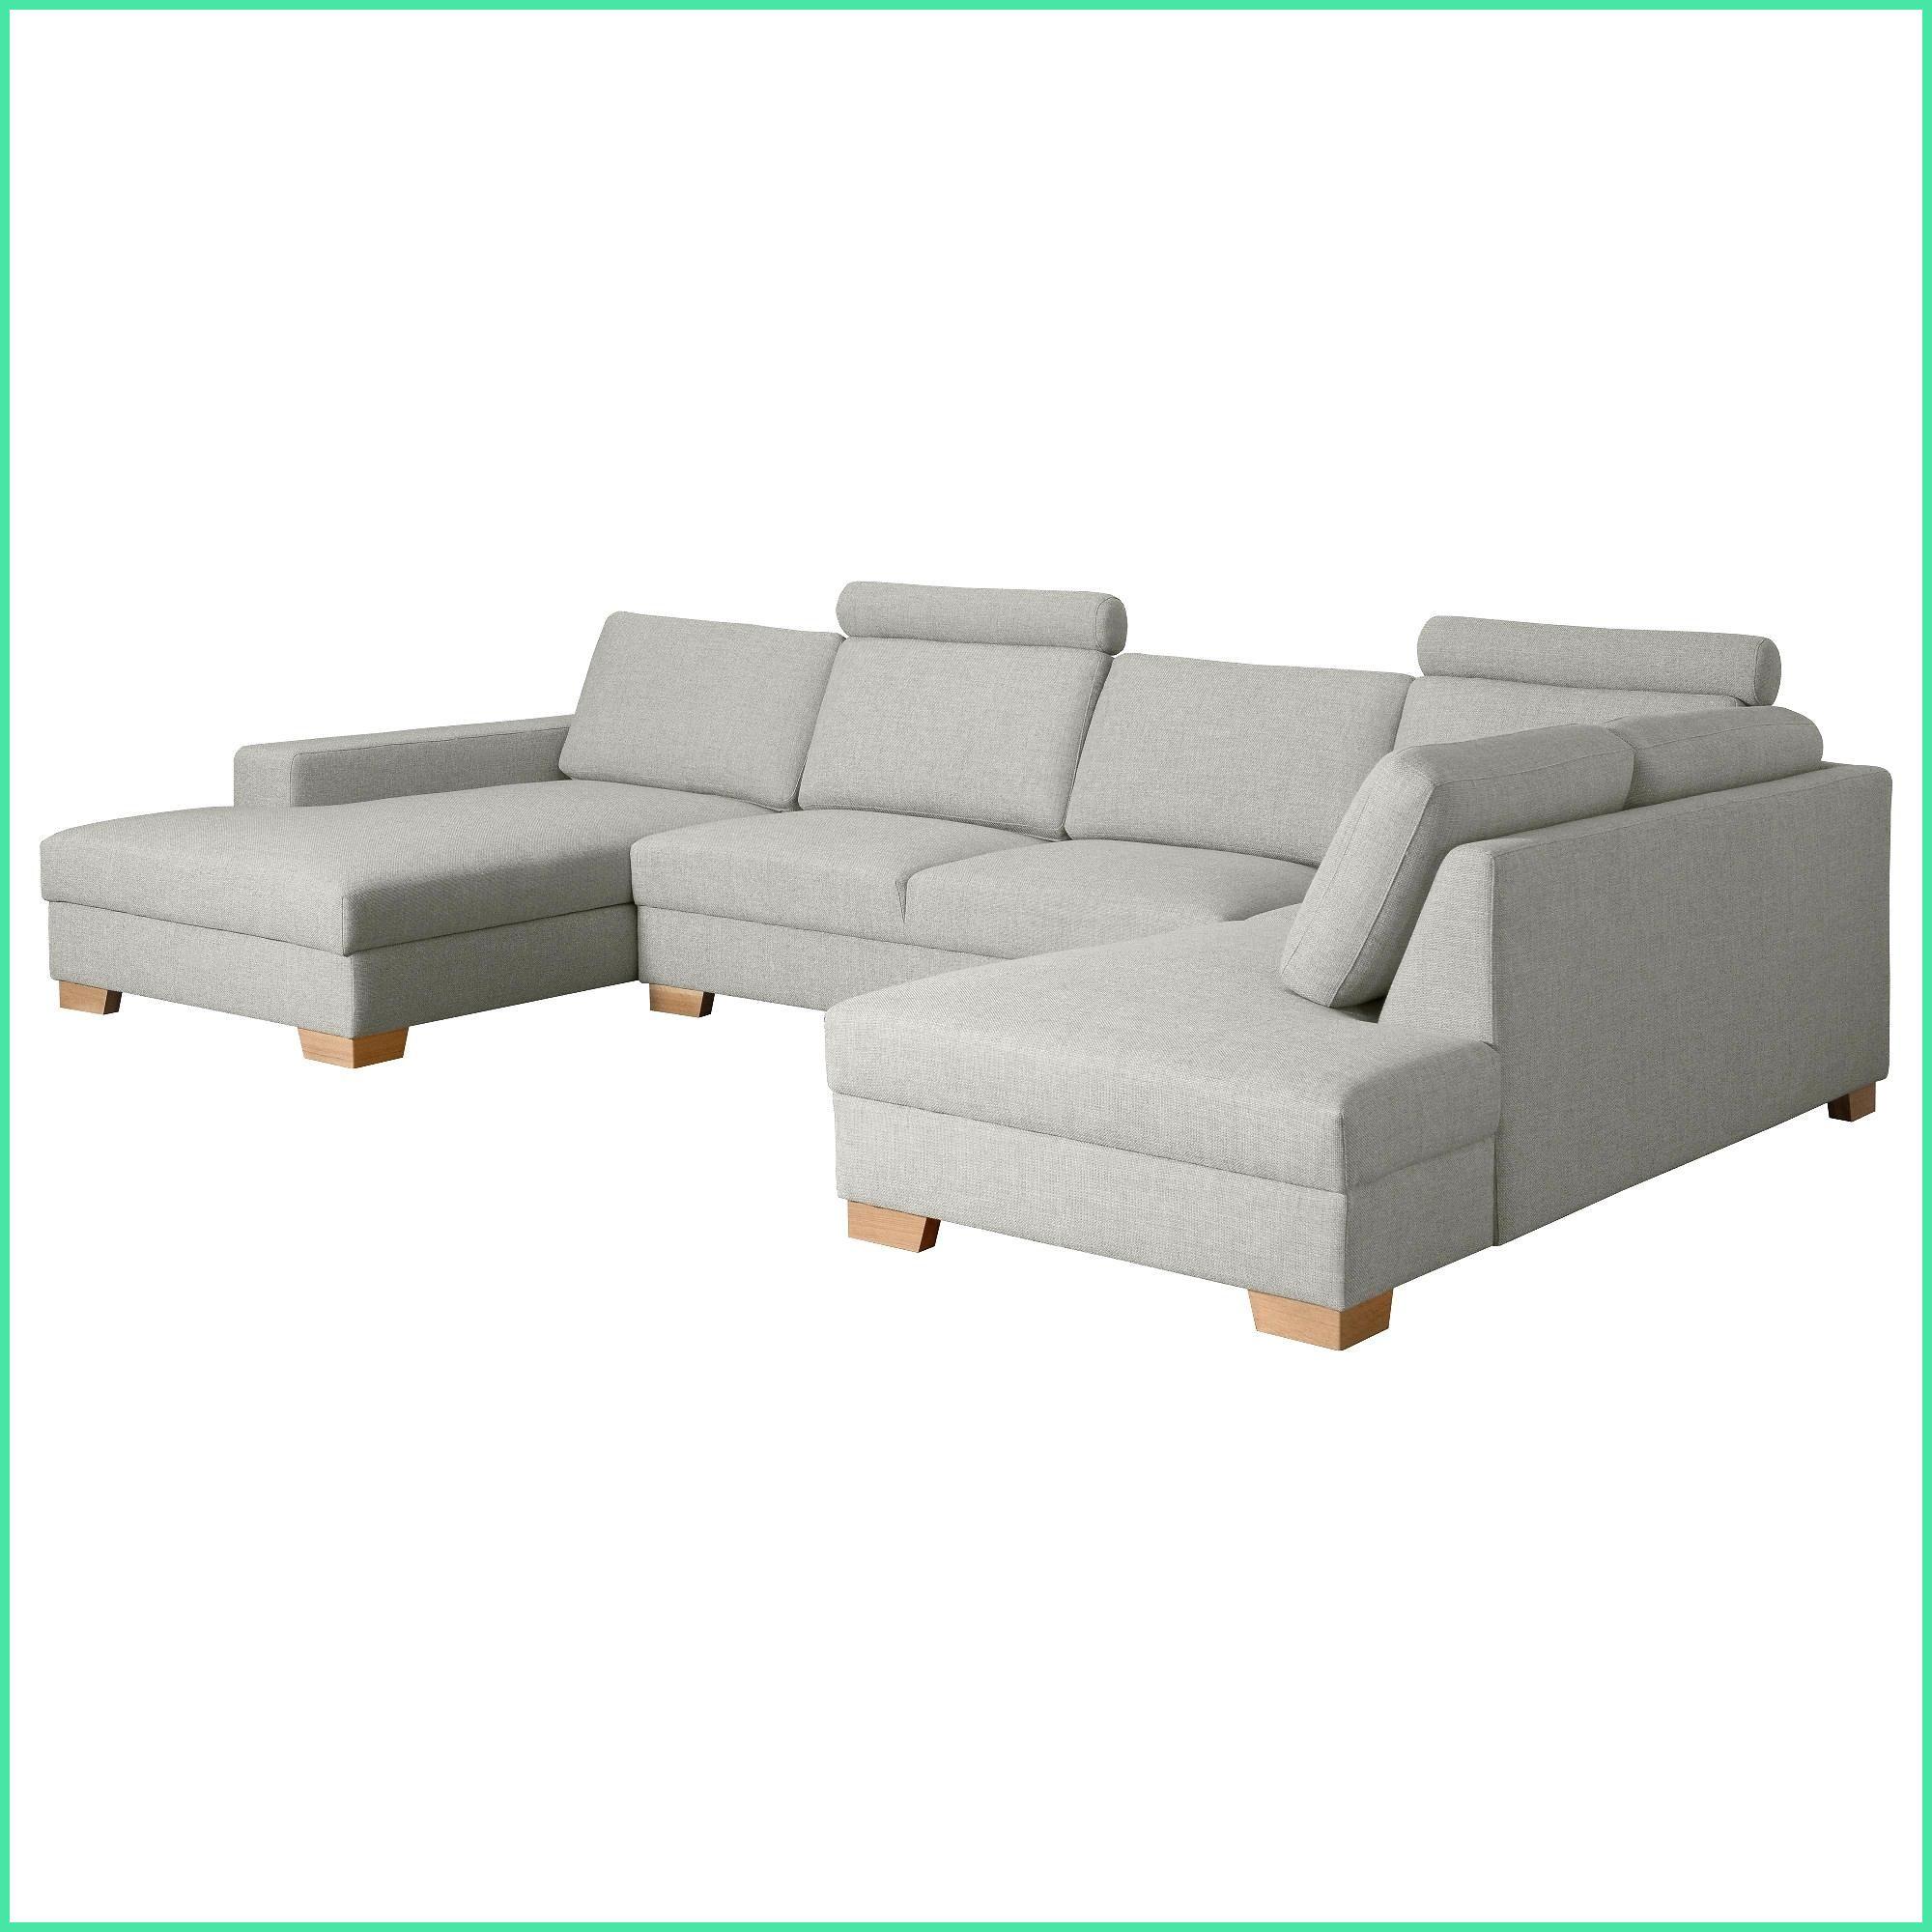 couchbezug eckcouch 1 4 l form design ikea willhaben bezug